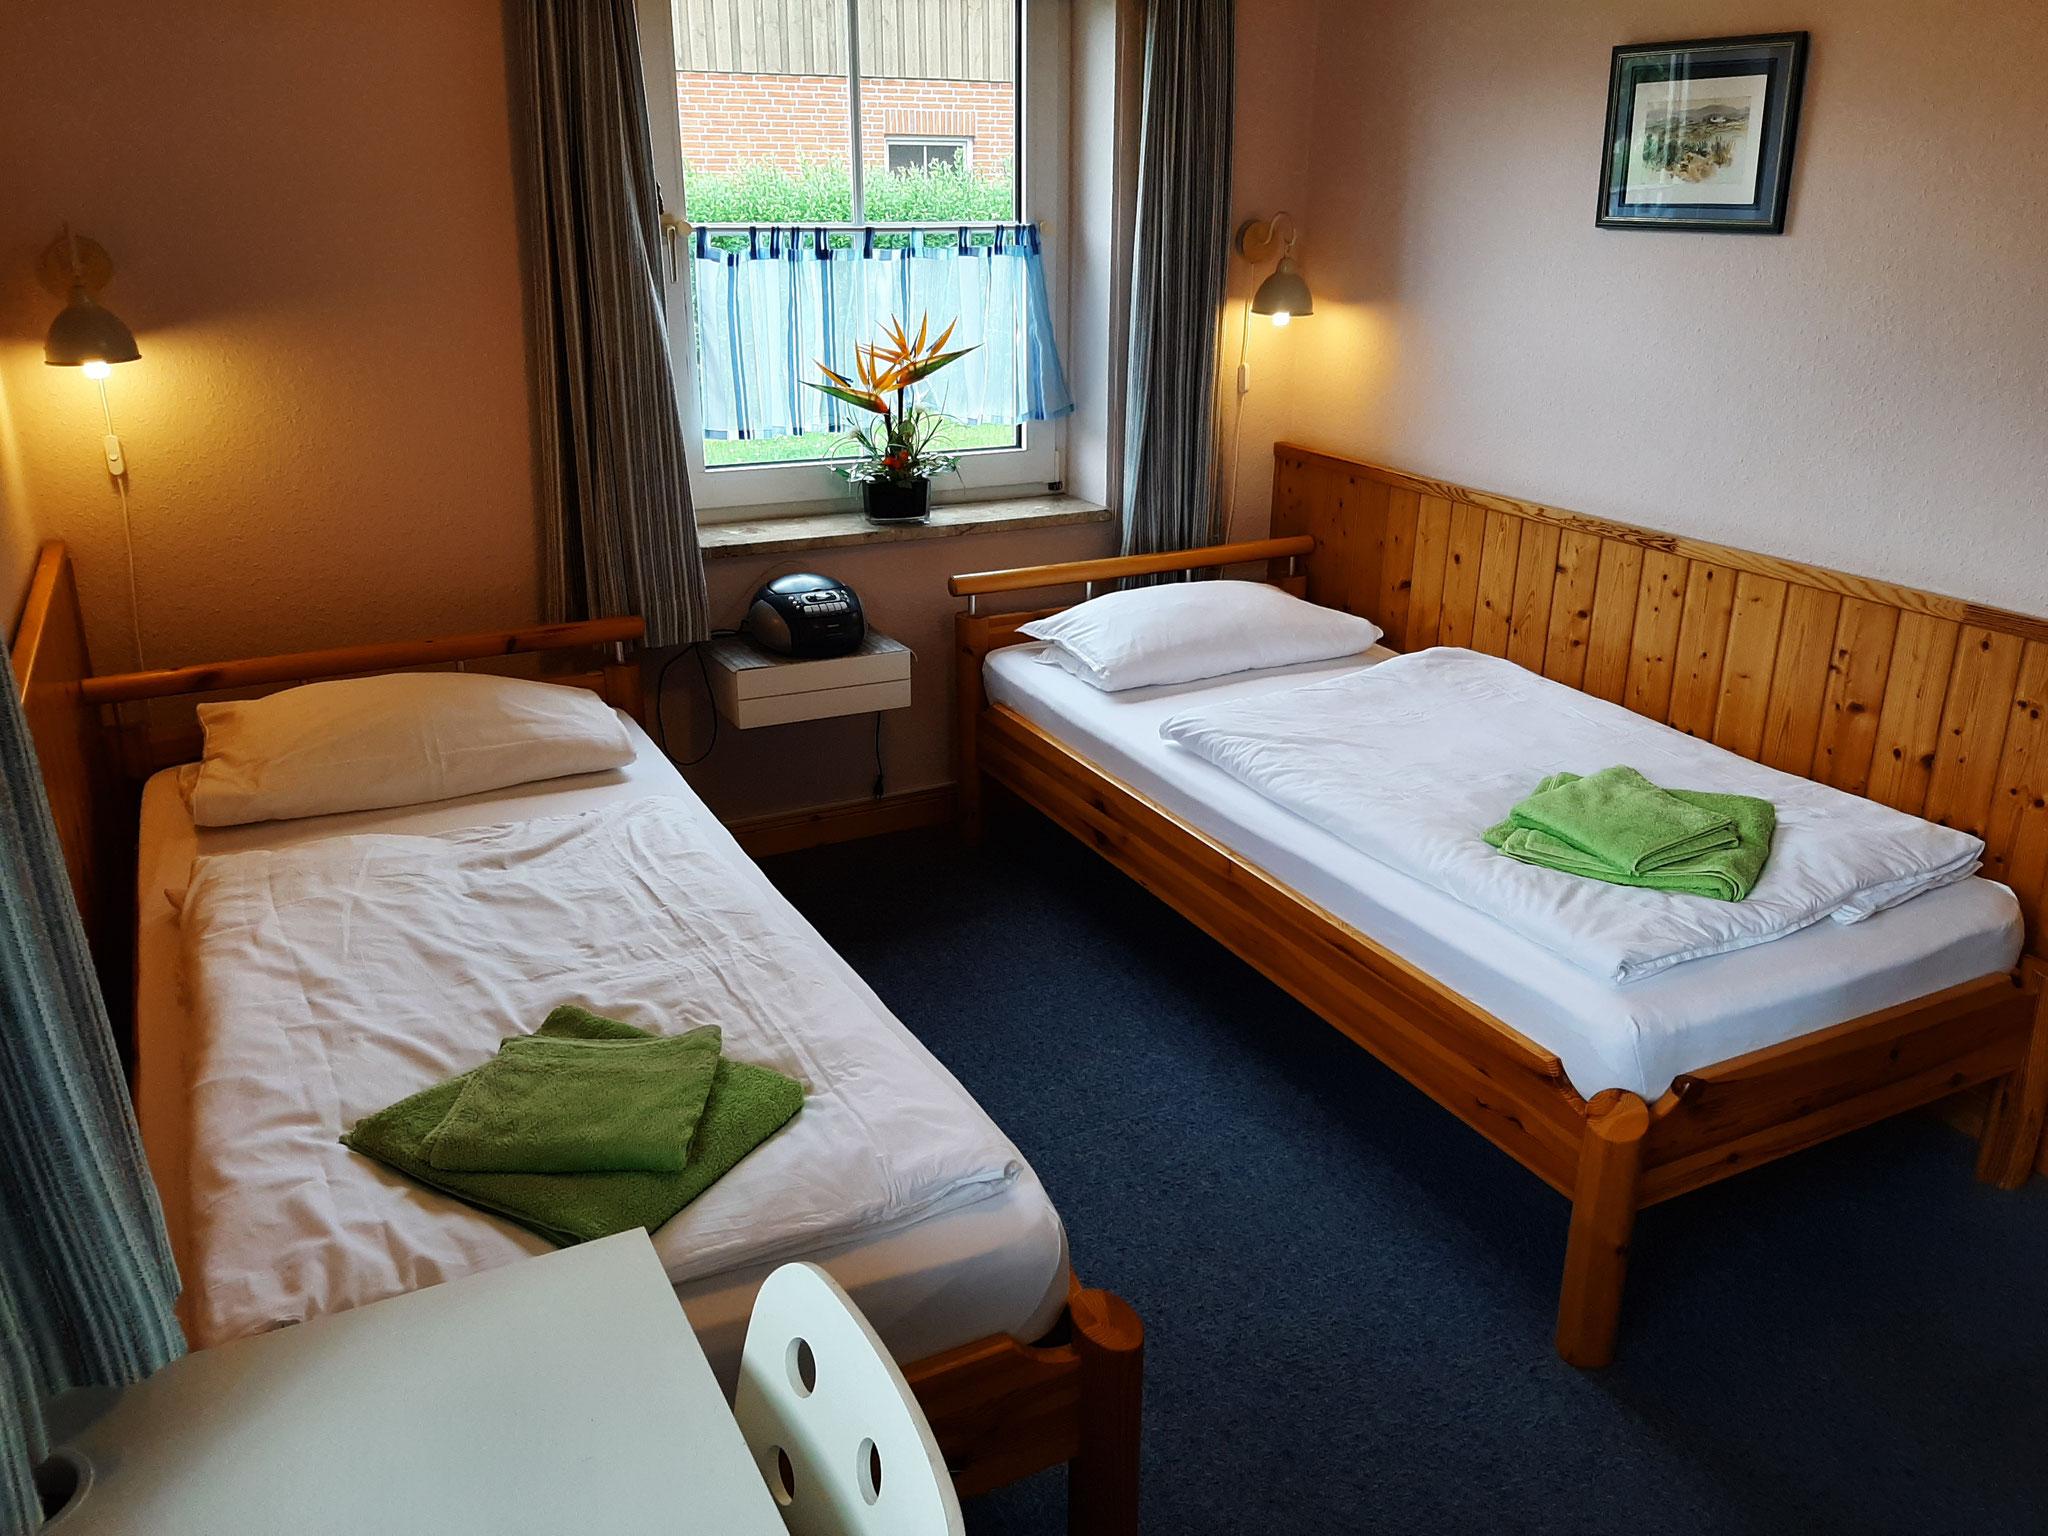 Kinderzimmer mit optional Bettwäsche